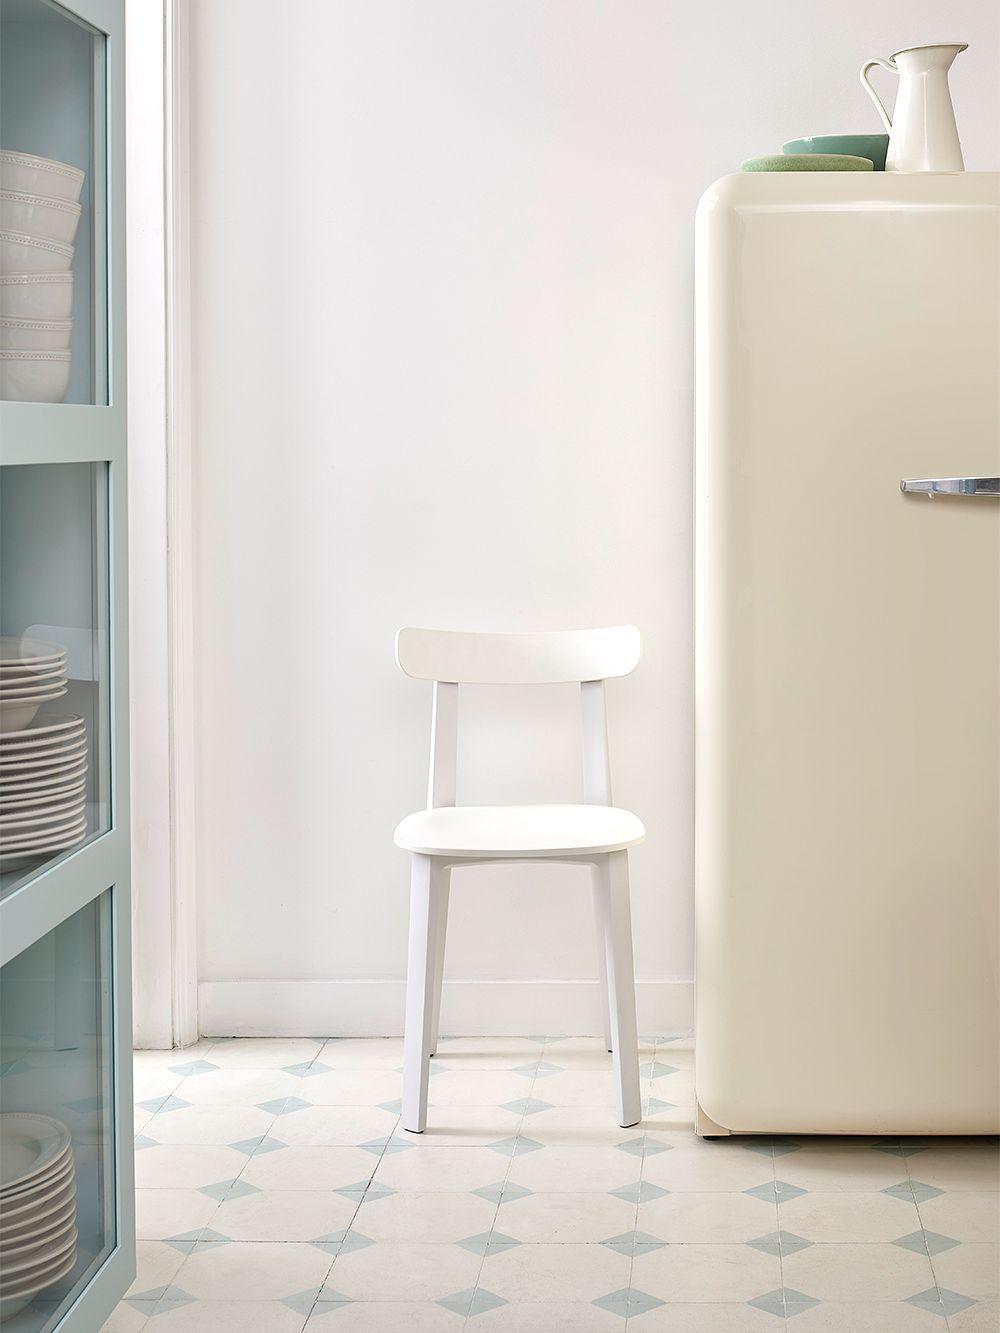 Vitran All Plastic Chair -tuoli keittiössä.